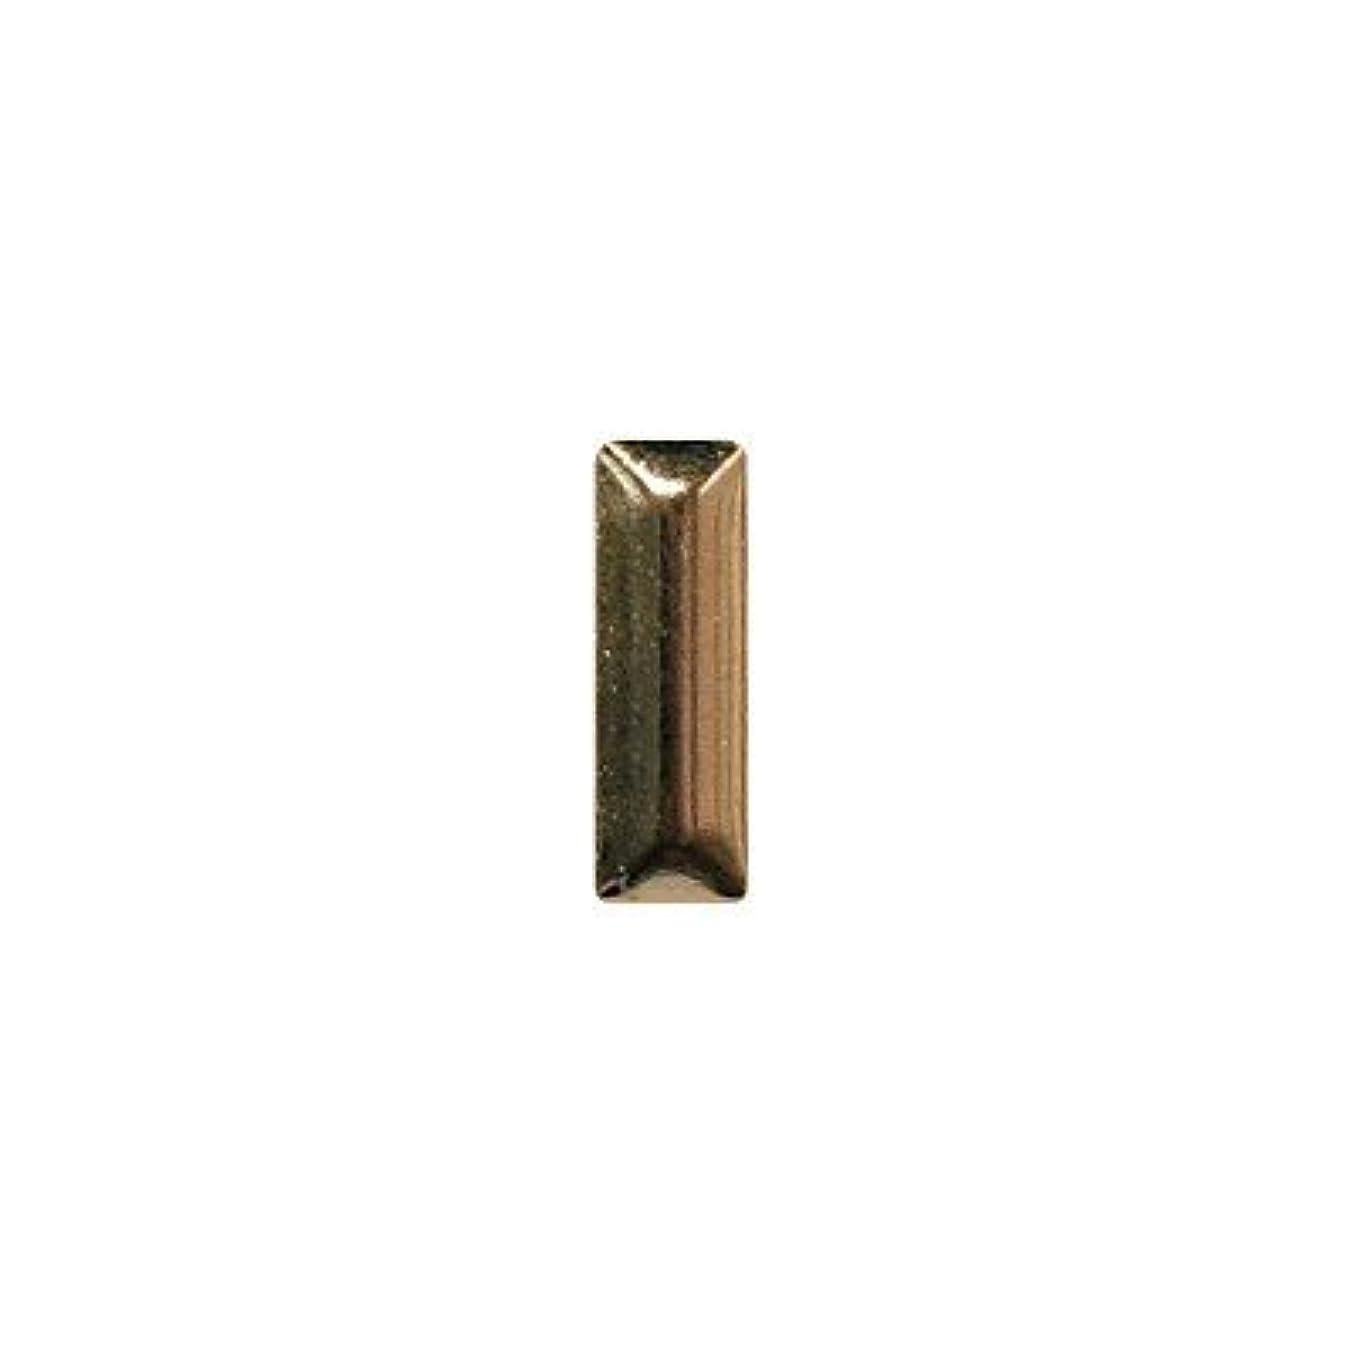 麻酔薬剣奇跡ピアドラ スタッズ メタル長方形 2×6mm 50P ゴールド